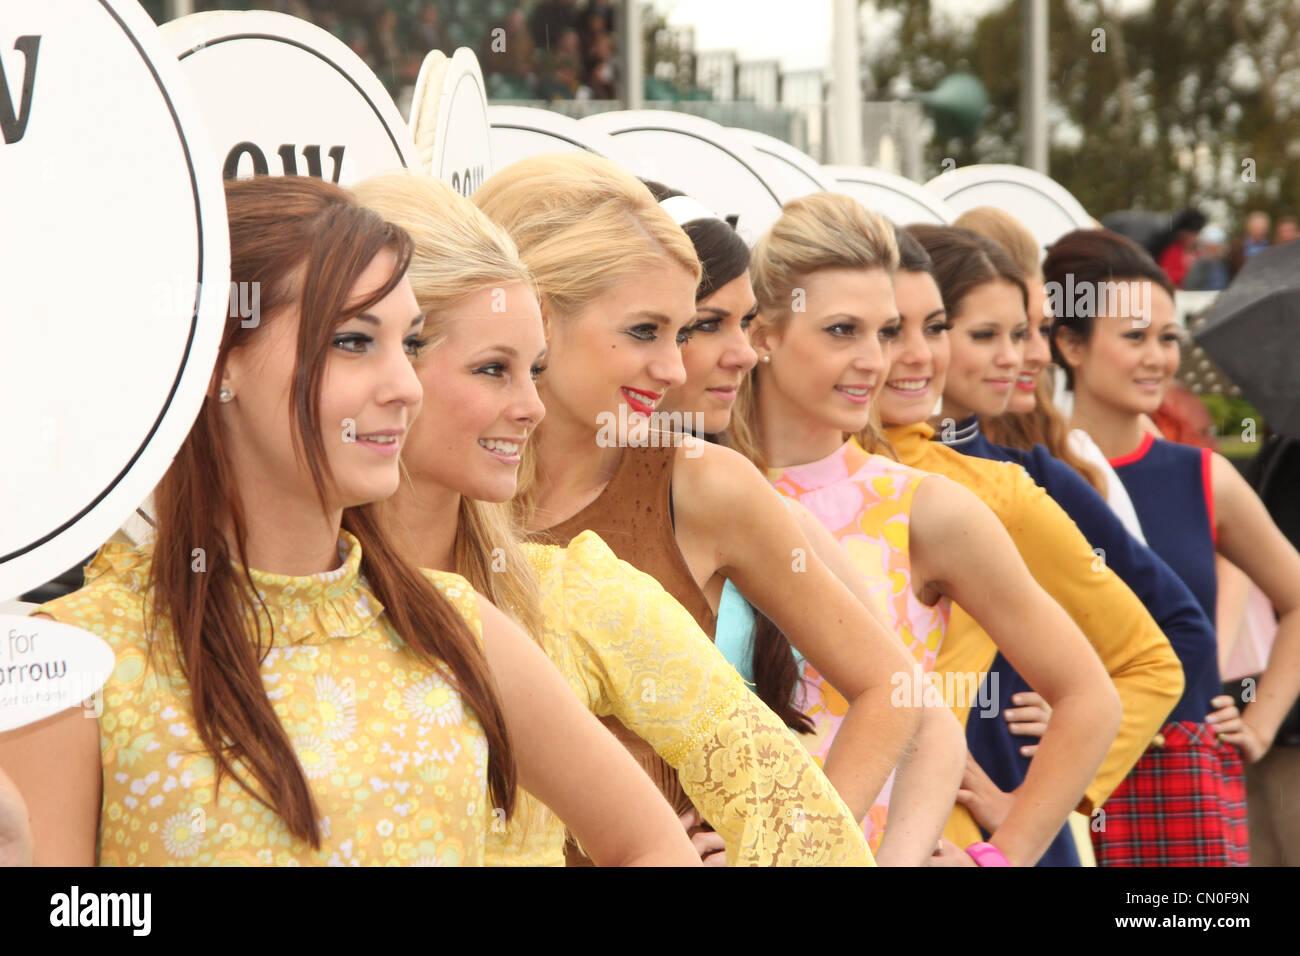 Goodwood Revival 2012 Motor Mädchen stehen in Formation vor das Rennen Auto Line-up. Stockbild